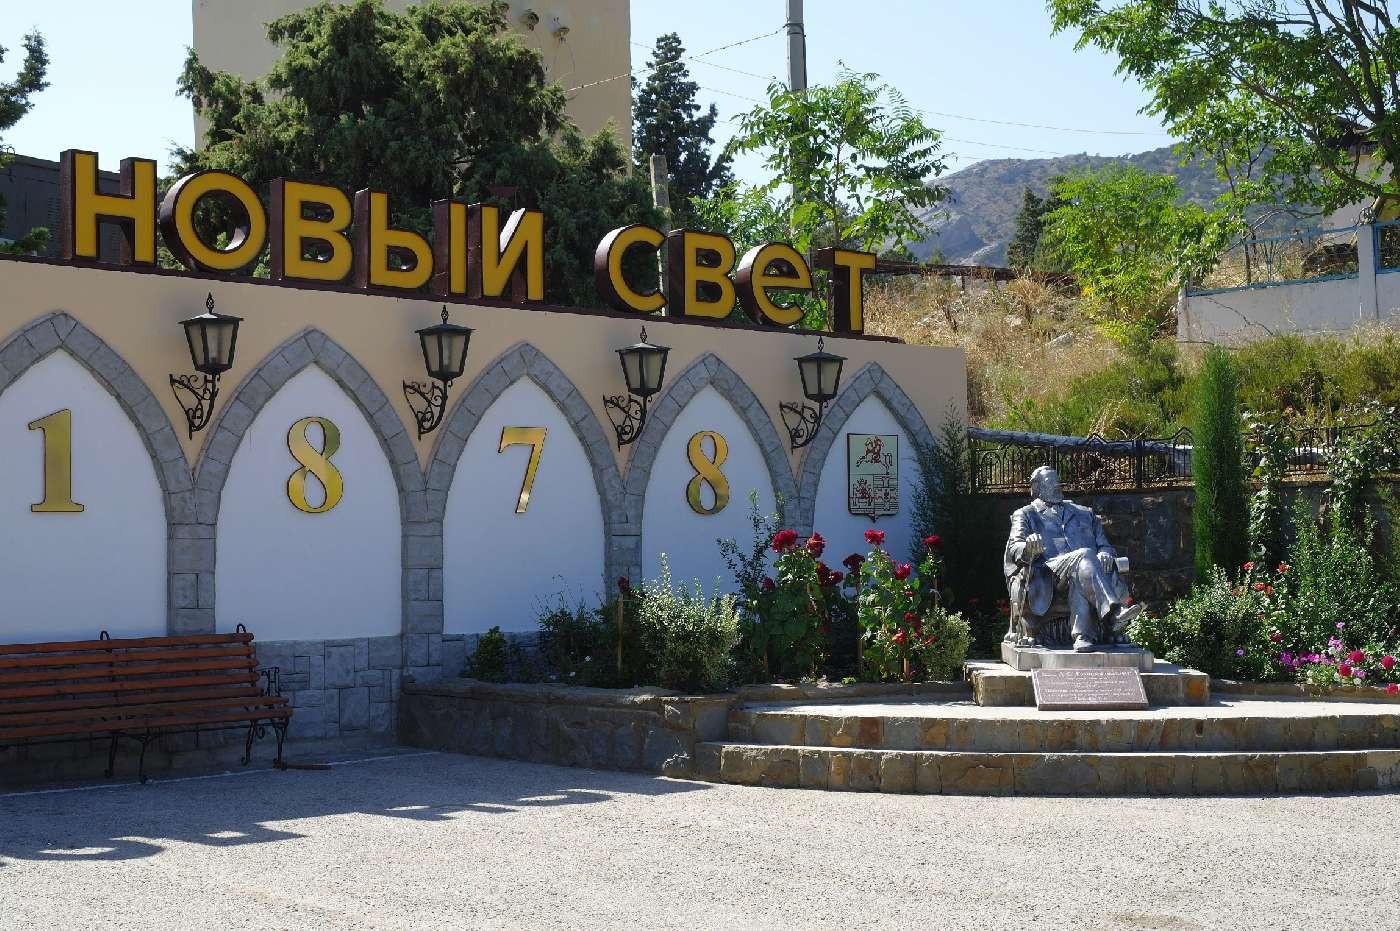 Аксенов: Крым летом продаст 100% акций завода шампанских вин «Новый свет»